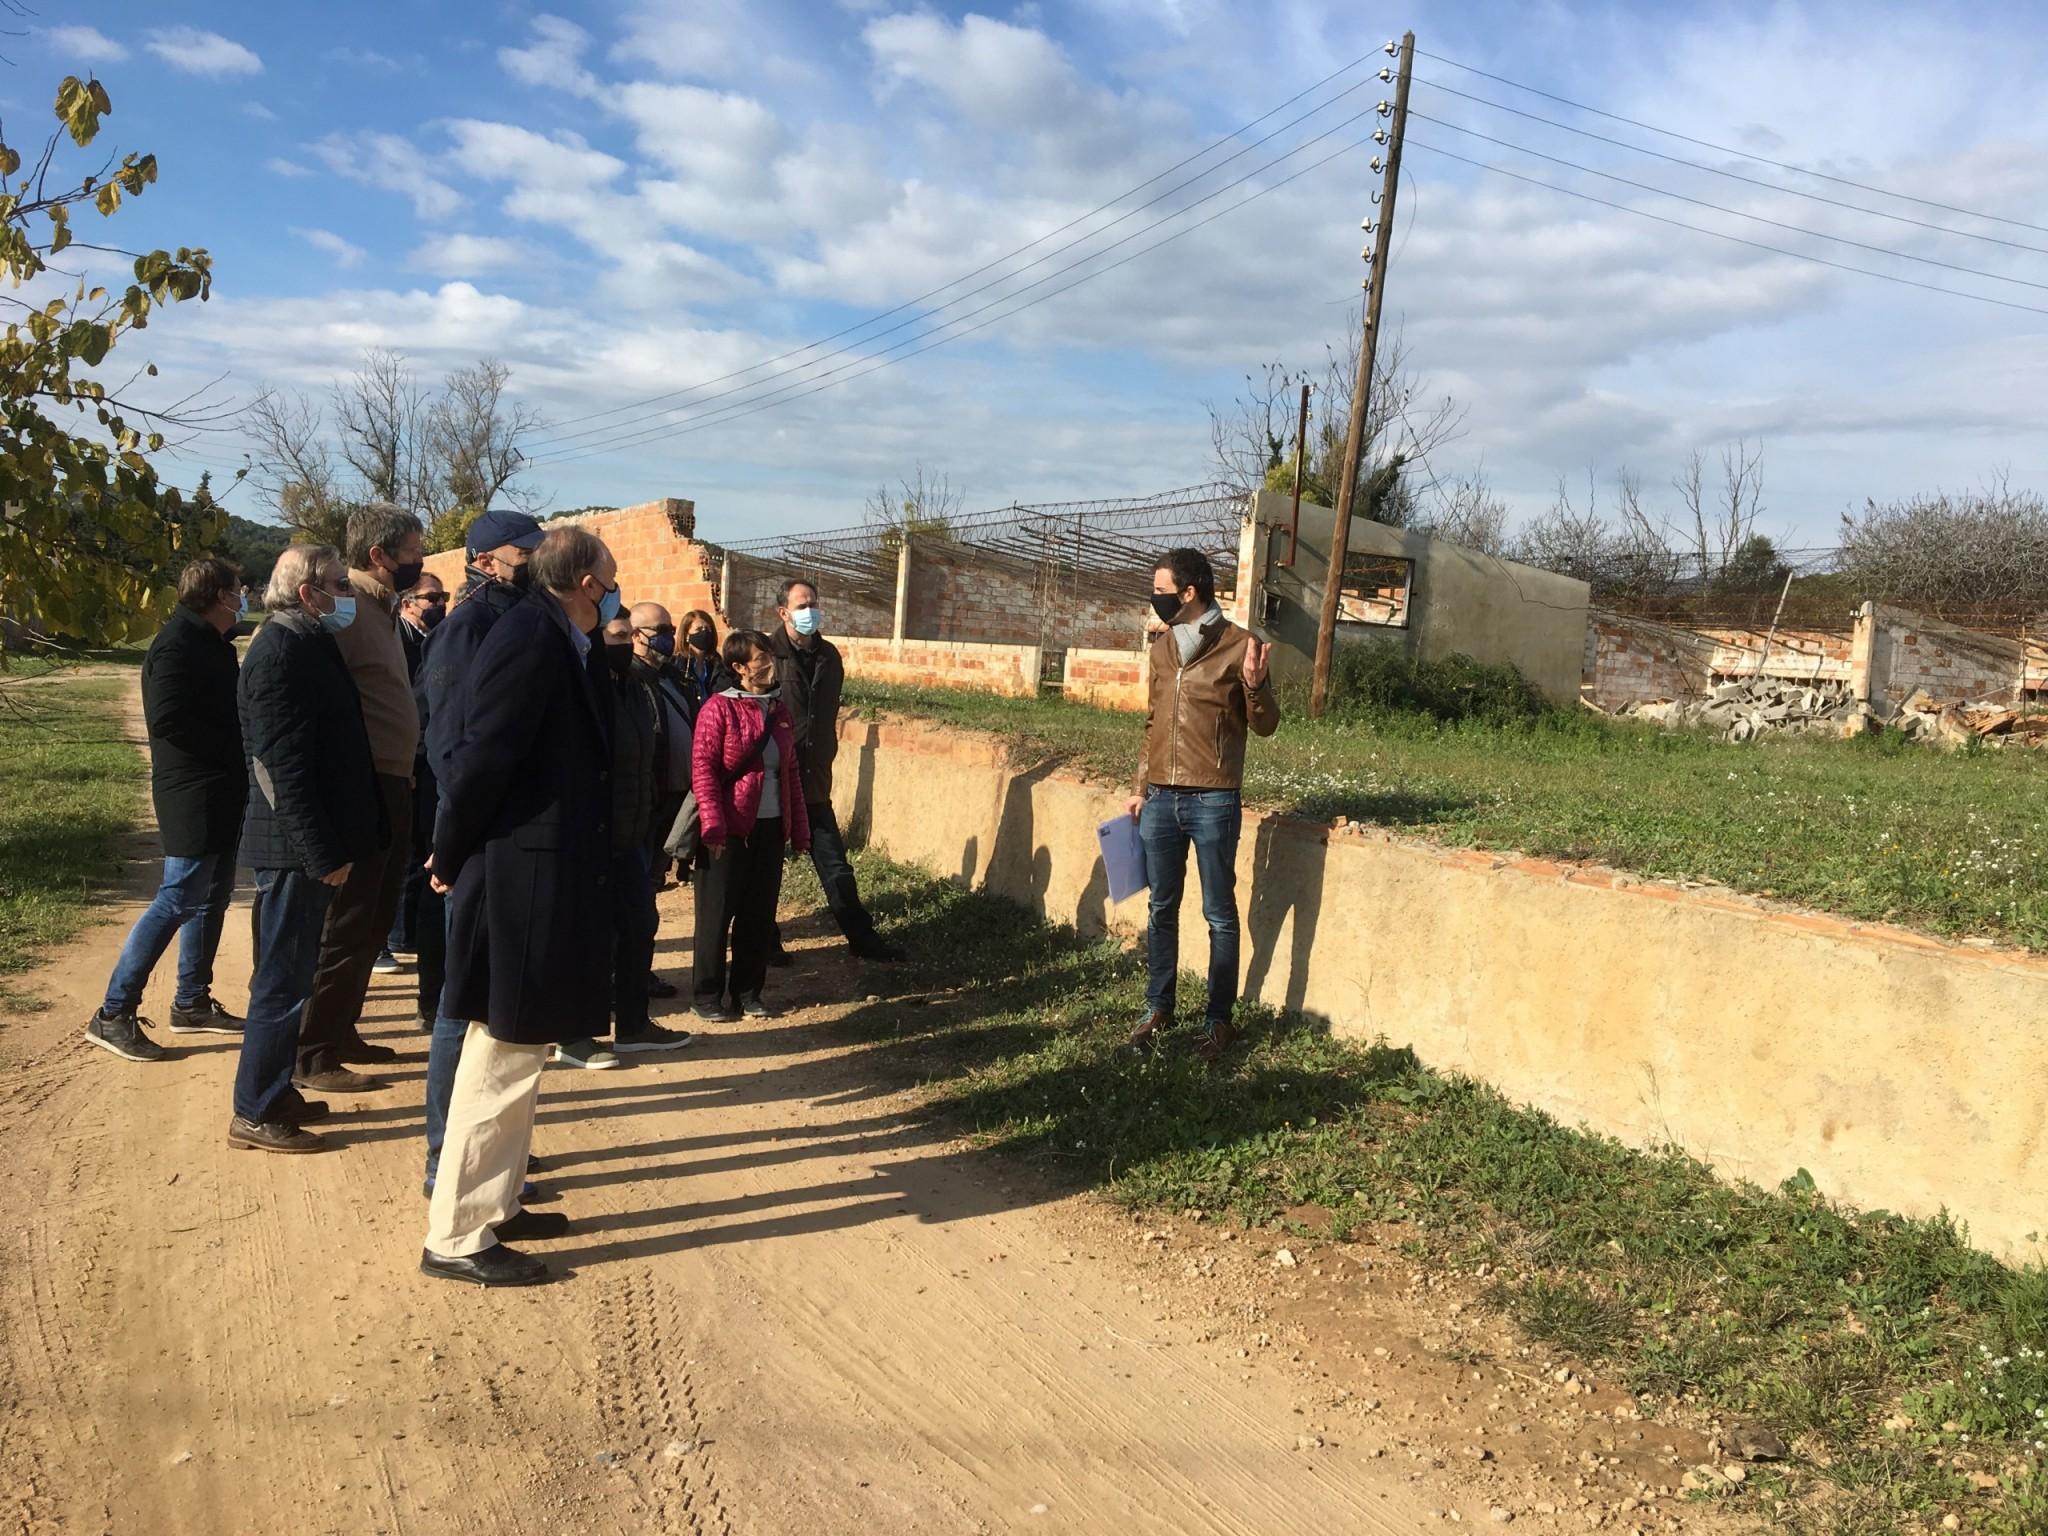 Els Gremis d'Hostaleria de Sitges i Vilanova valoren positivament la reobertura de l'Autòdrom per fomentar el turisme de qualitat 2